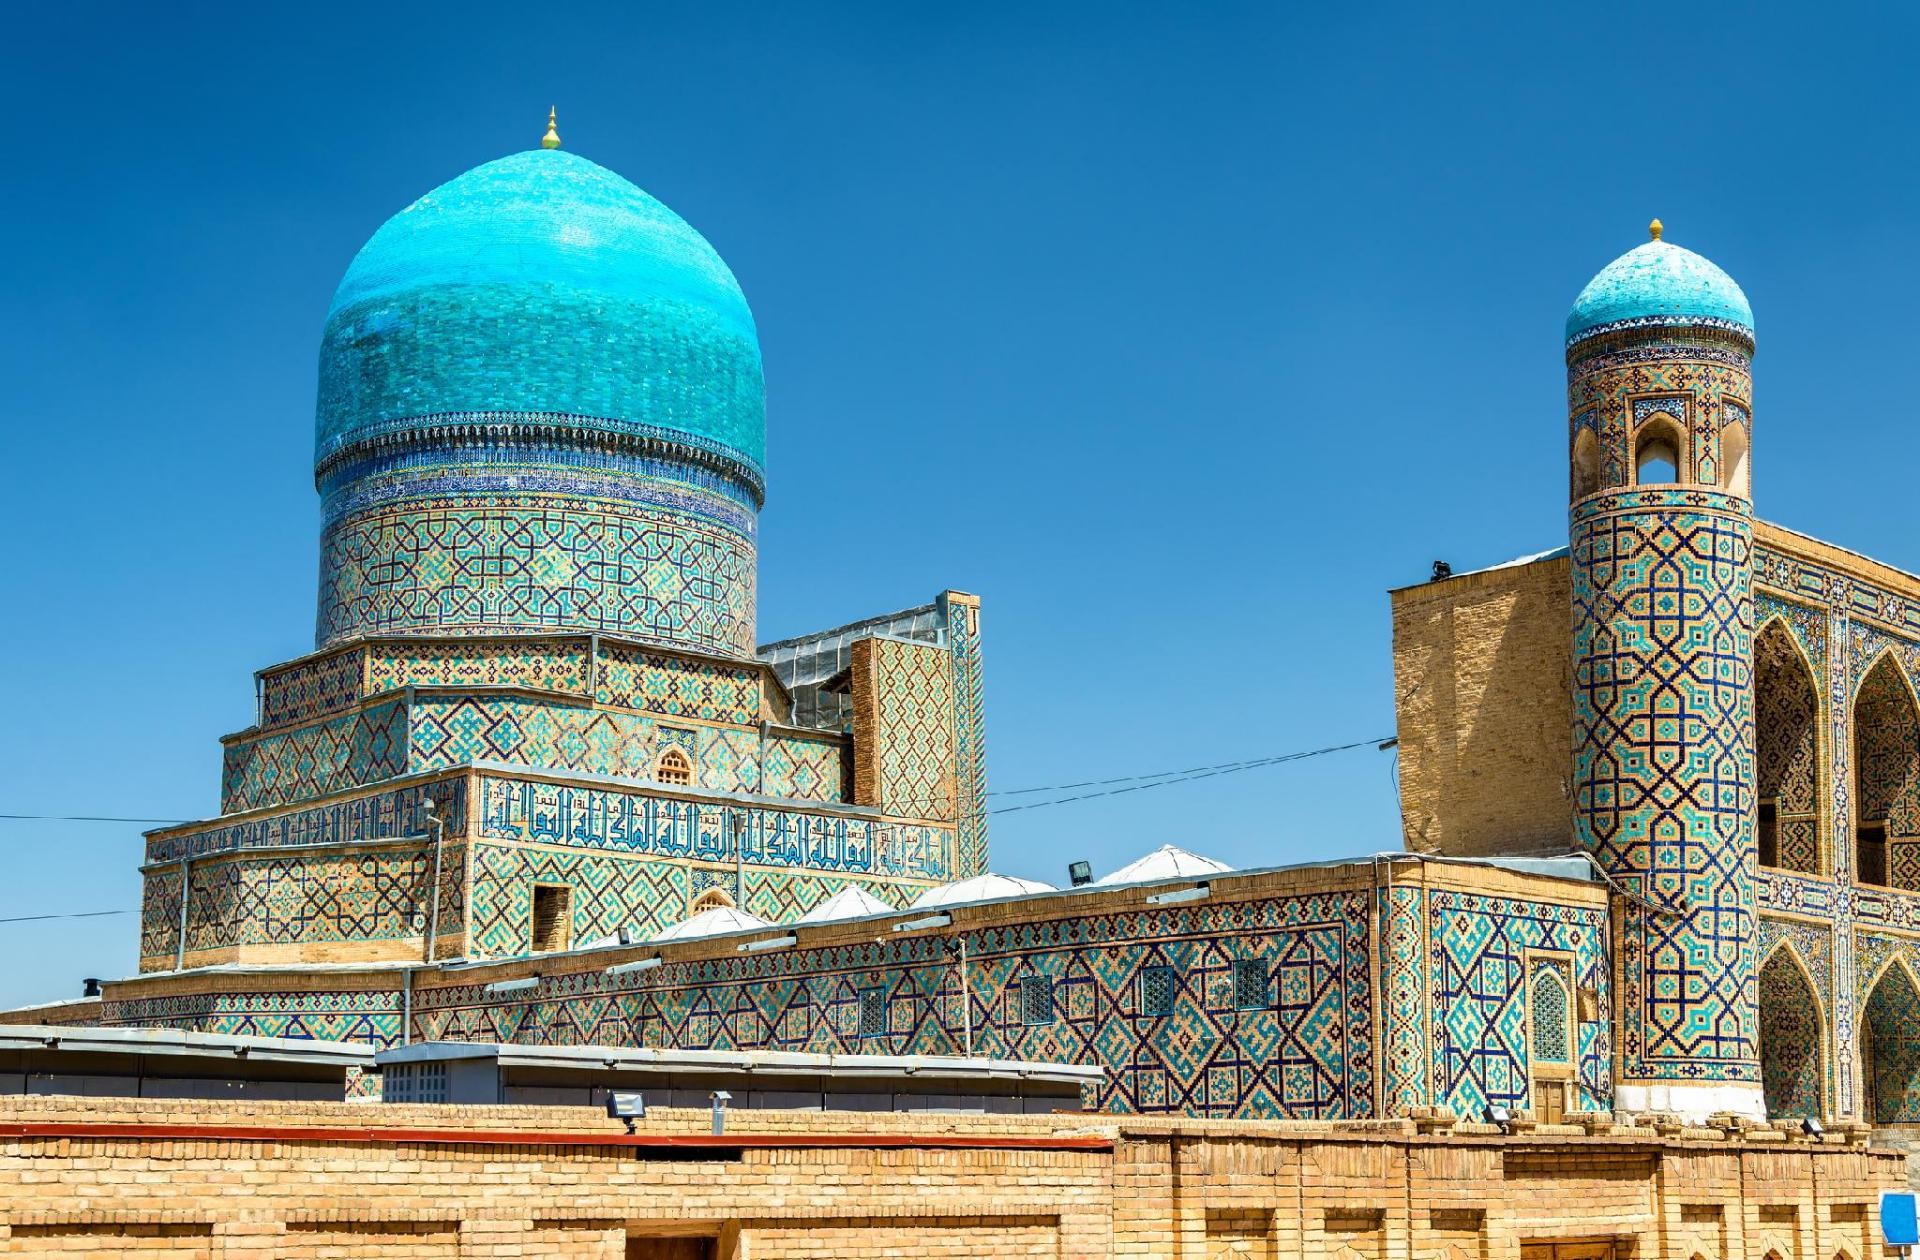 Khách Sạn Uzbekistan - Đặt phòng trực tuyến các khách sạn ở Uzbekistan